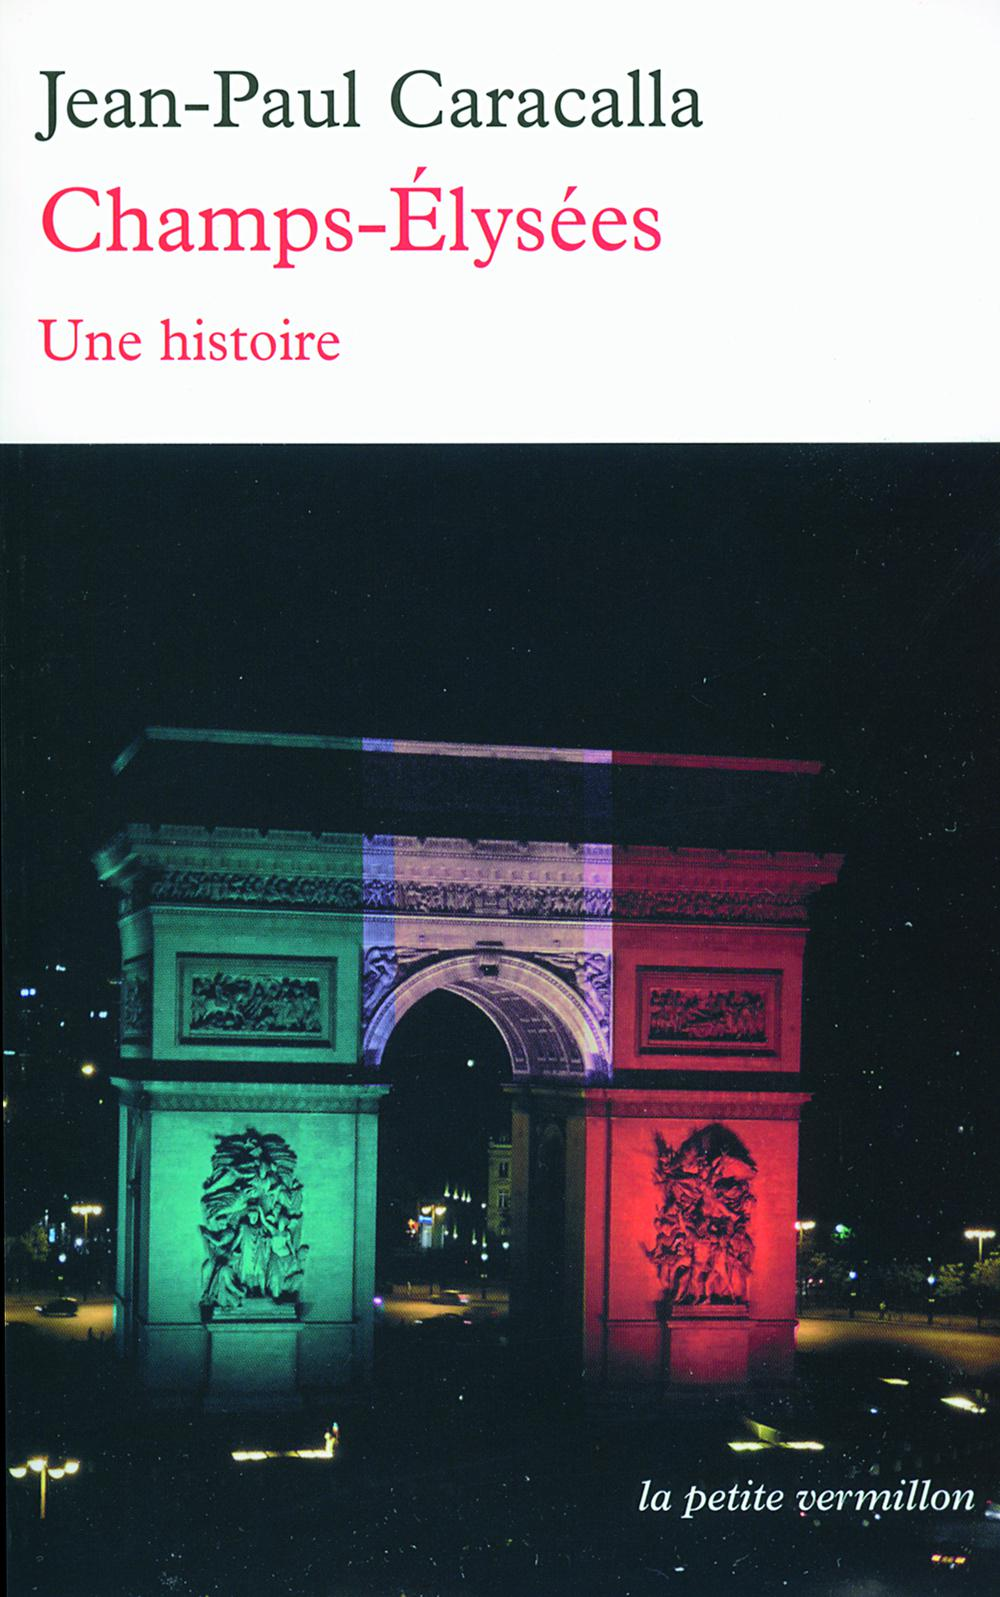 Champs-Élysées, Une histoire